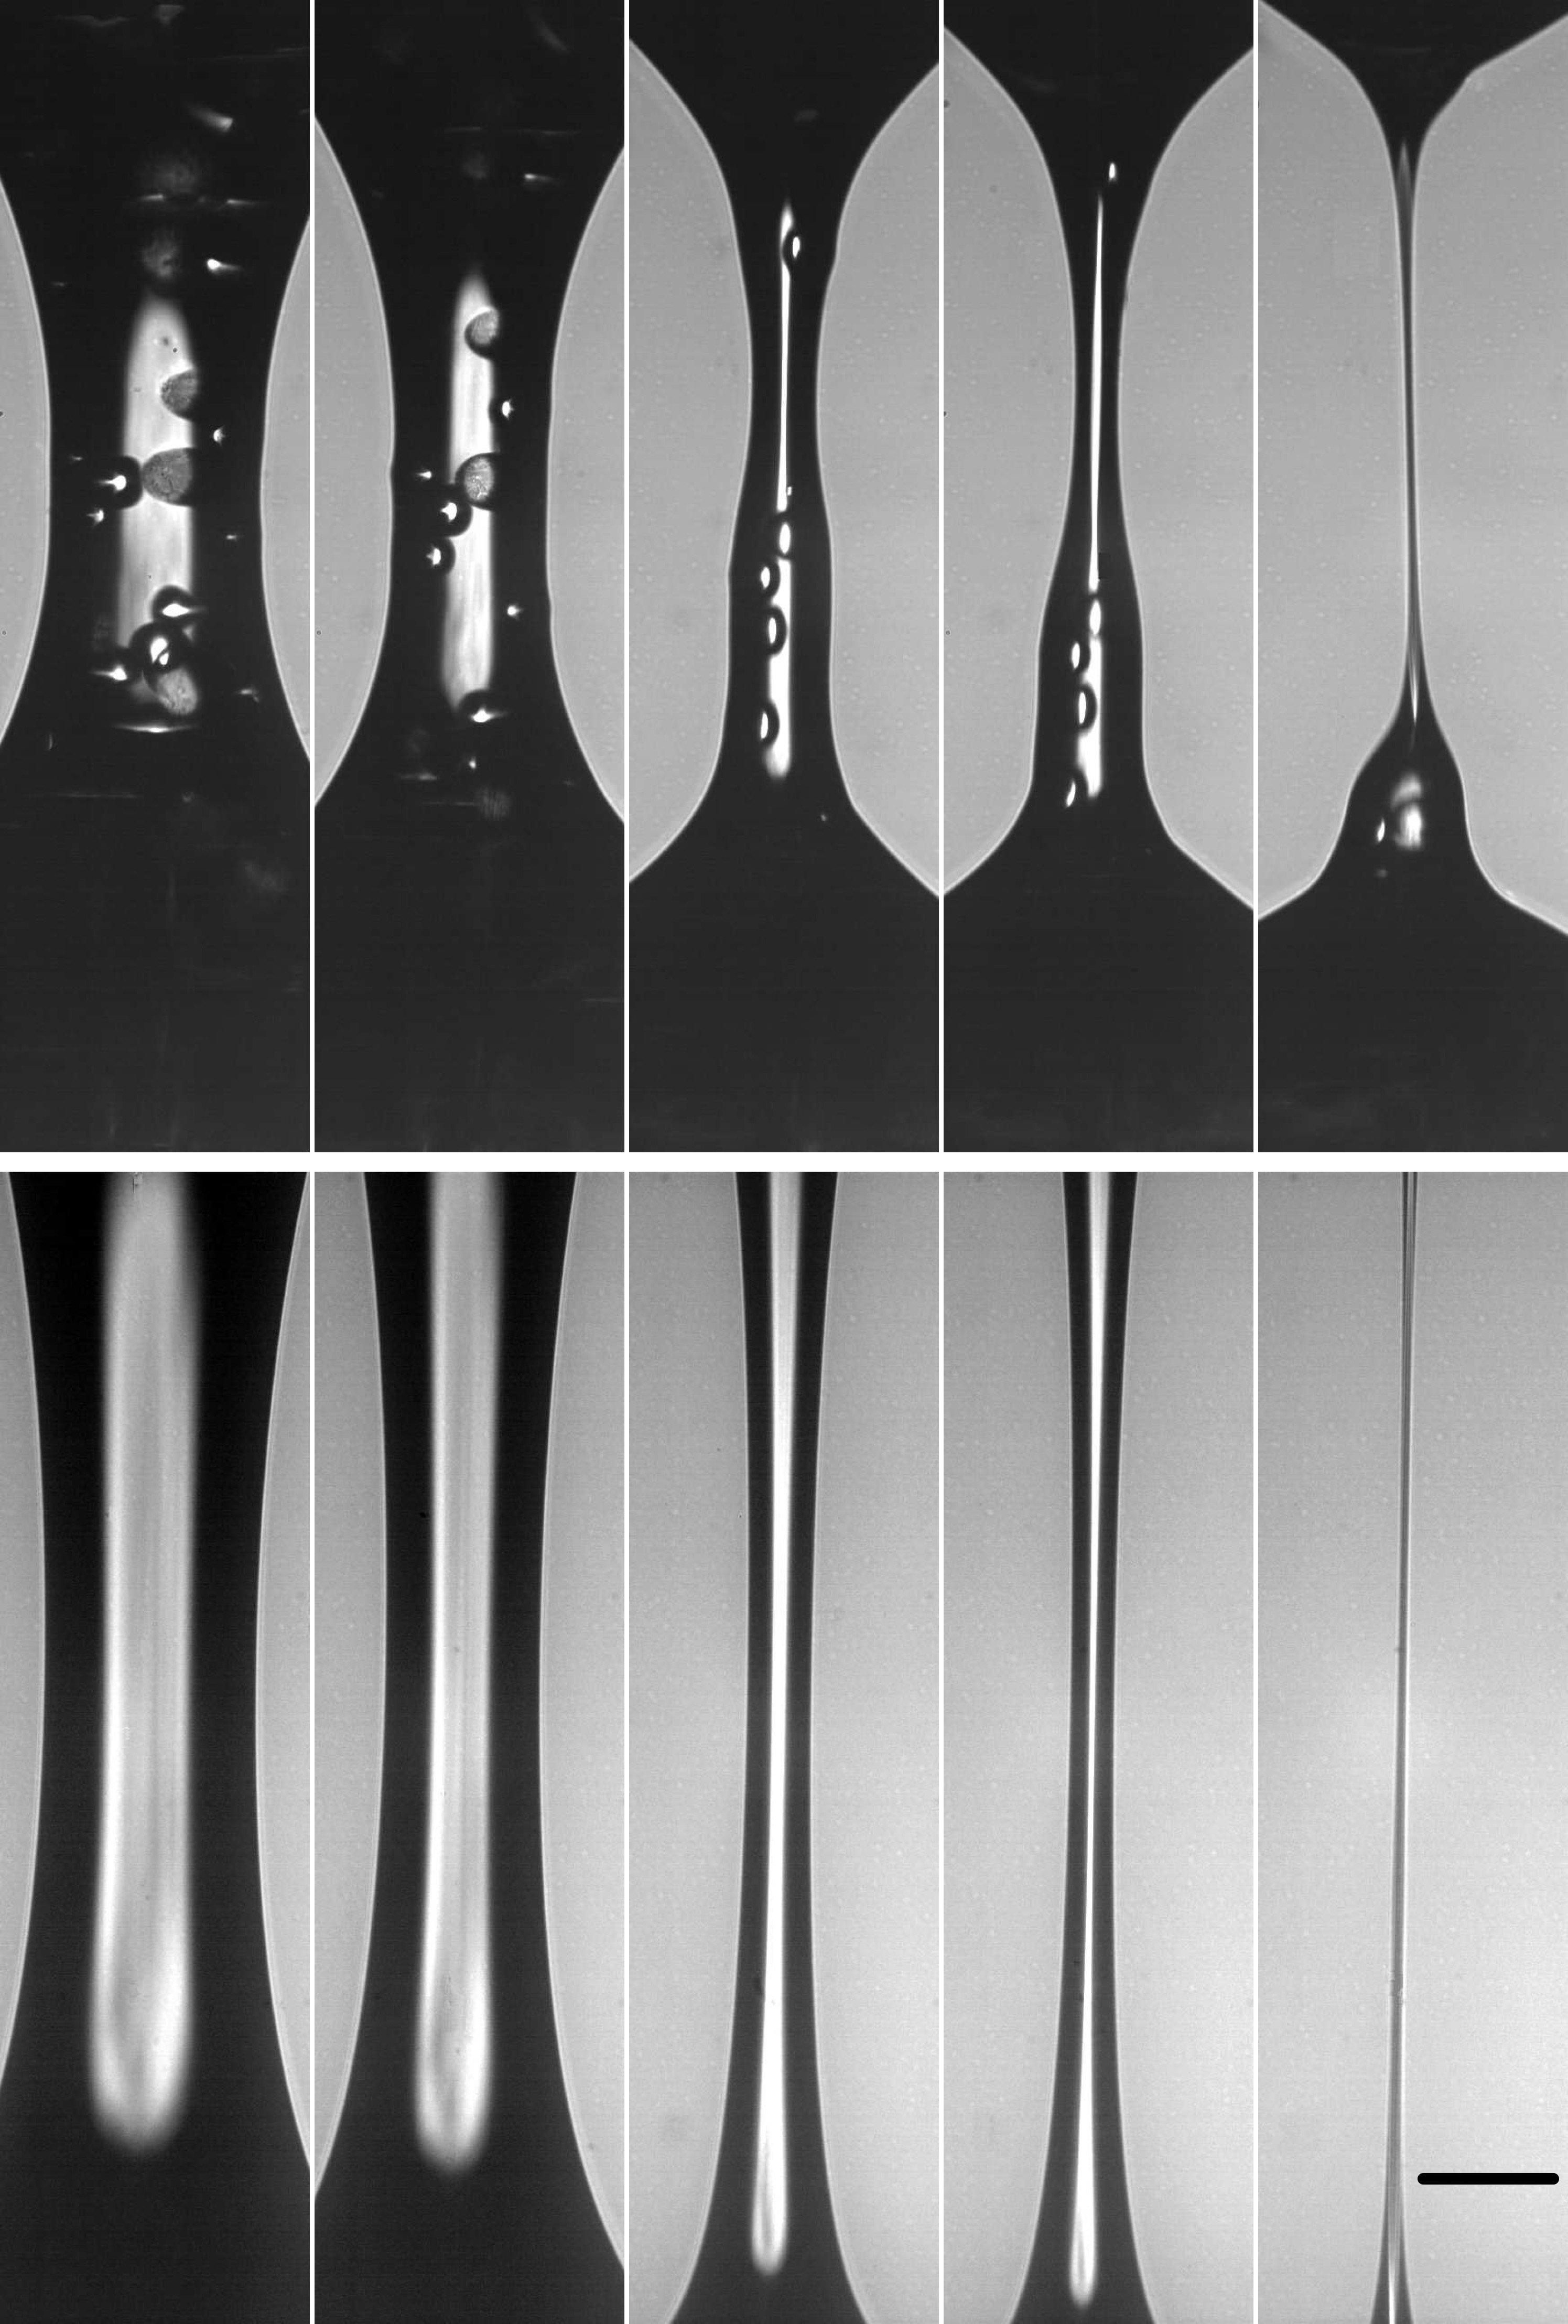 Blick in ein Tropfen-Experiment: Die Forscher konnten erstmals belegen, dass Feststoff-Teilchen in Suspensionen den Tropfvorgang auslösen und beschleunigen.Die fünf Aufnahmen der Hochgeschwindigkeits-Kamera zeigen oben - von links nach rechts - einen Tropfvorgang: Das fadenförmige Gebilde entsteht, wenn die Platten mit der Suspension auseinandergezogen werden. Gut zu erkennen sind die Festkörper-Teilchen, die wie Kügelchen darin schweben. Sie stören die Oberfläche der Flüssigkeit, beulen sie aus und behindern die Strömung der Flüssigkeit innen wie außen. Gleichzeitig beeinflussen sie die Oberflächenkrümmung, der kapillare Druck erhöht sich und der Ablöseprozess wird beschleunigt. Zum Vergleich zeigt das untere Bild das Experiment mit Silikonöl, das keine Festkörper-Teilchen enthält.